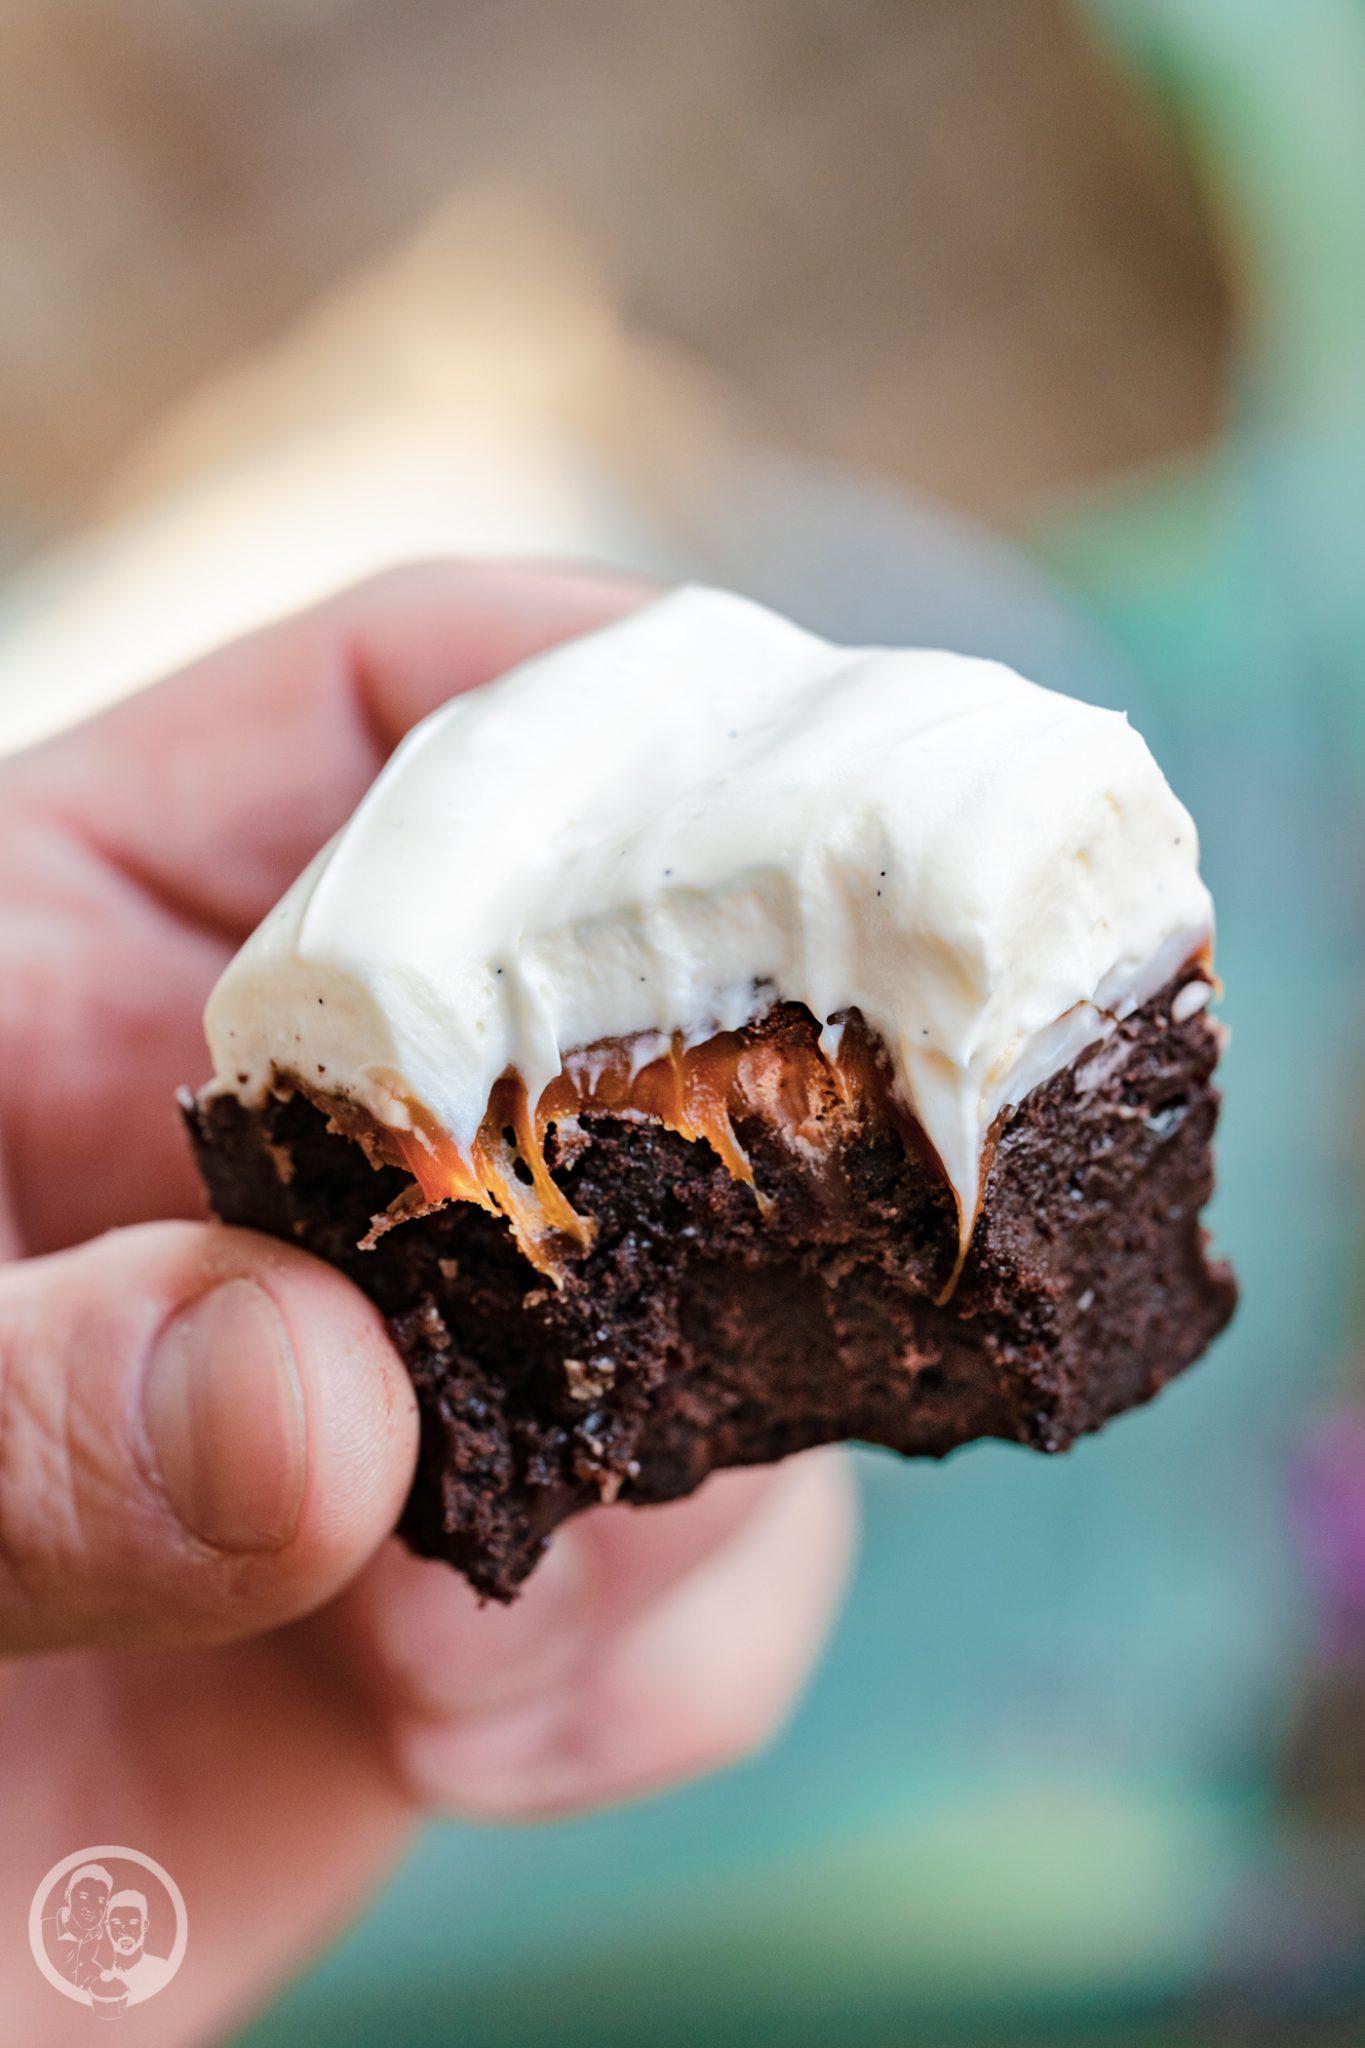 Karamell Brownie Mascrapone 5 | Wir haben euch ja schon im Rezept zu unseren Walnuss-Ahornsirup-Schnecken erzählte, dass wir für den Geburtstag von Karo, die Freundin meines Bruders, ordentlich gebacken haben. Jetzt verraten wir euch auch, was sie sich gewünscht hätte. Es sollte etwas Schokoladiges werden und mit Karamell, bitte. Daraus wurden dann diese Karamell-Brownies mit Mascarponecreme.